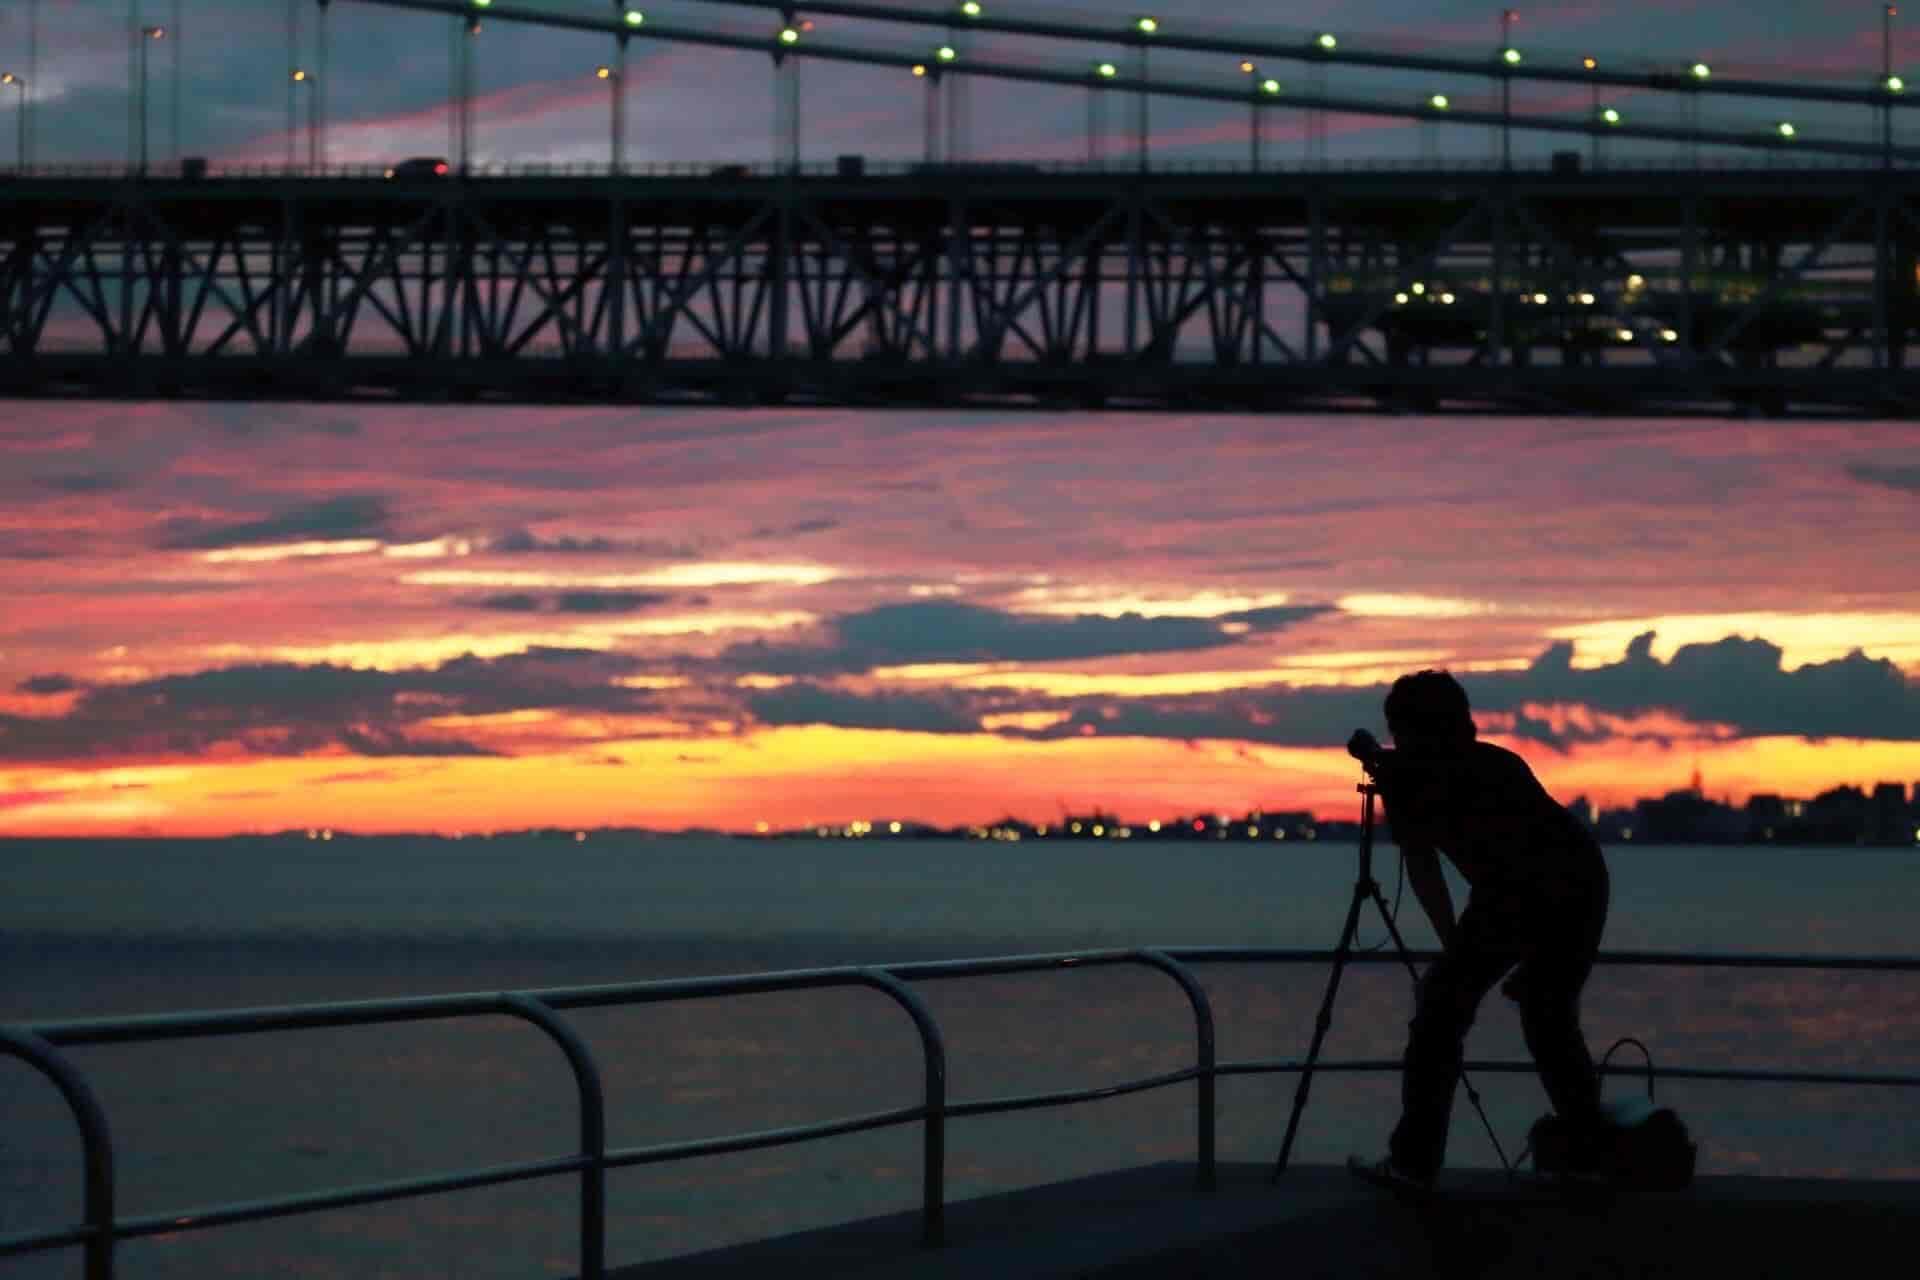 ラブ探偵事務所と他社の千葉県鋸南町での夜間暗視撮影